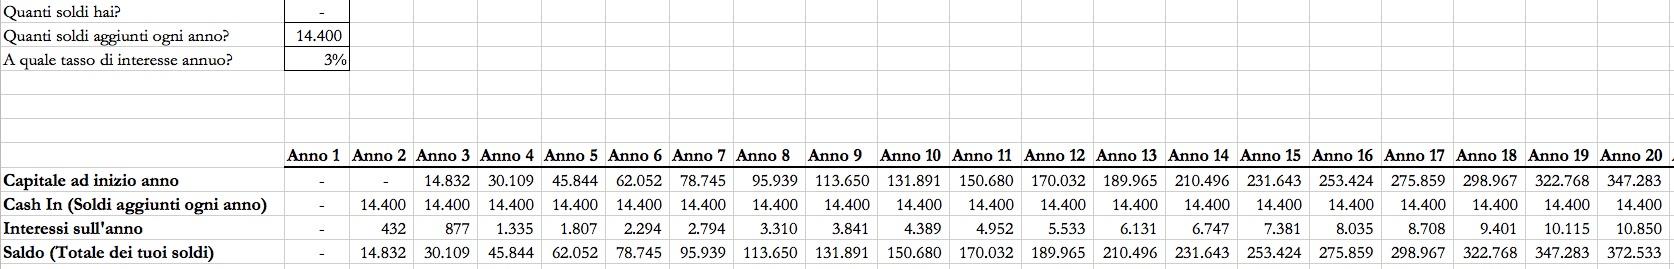 256aaf0b80 I tuoi 273.600€ diventano 372.533€, ben 98.933€ di margine. E ti dico di più:  considerando che i capitali seguono un corso simile al vino e crescono di  ...